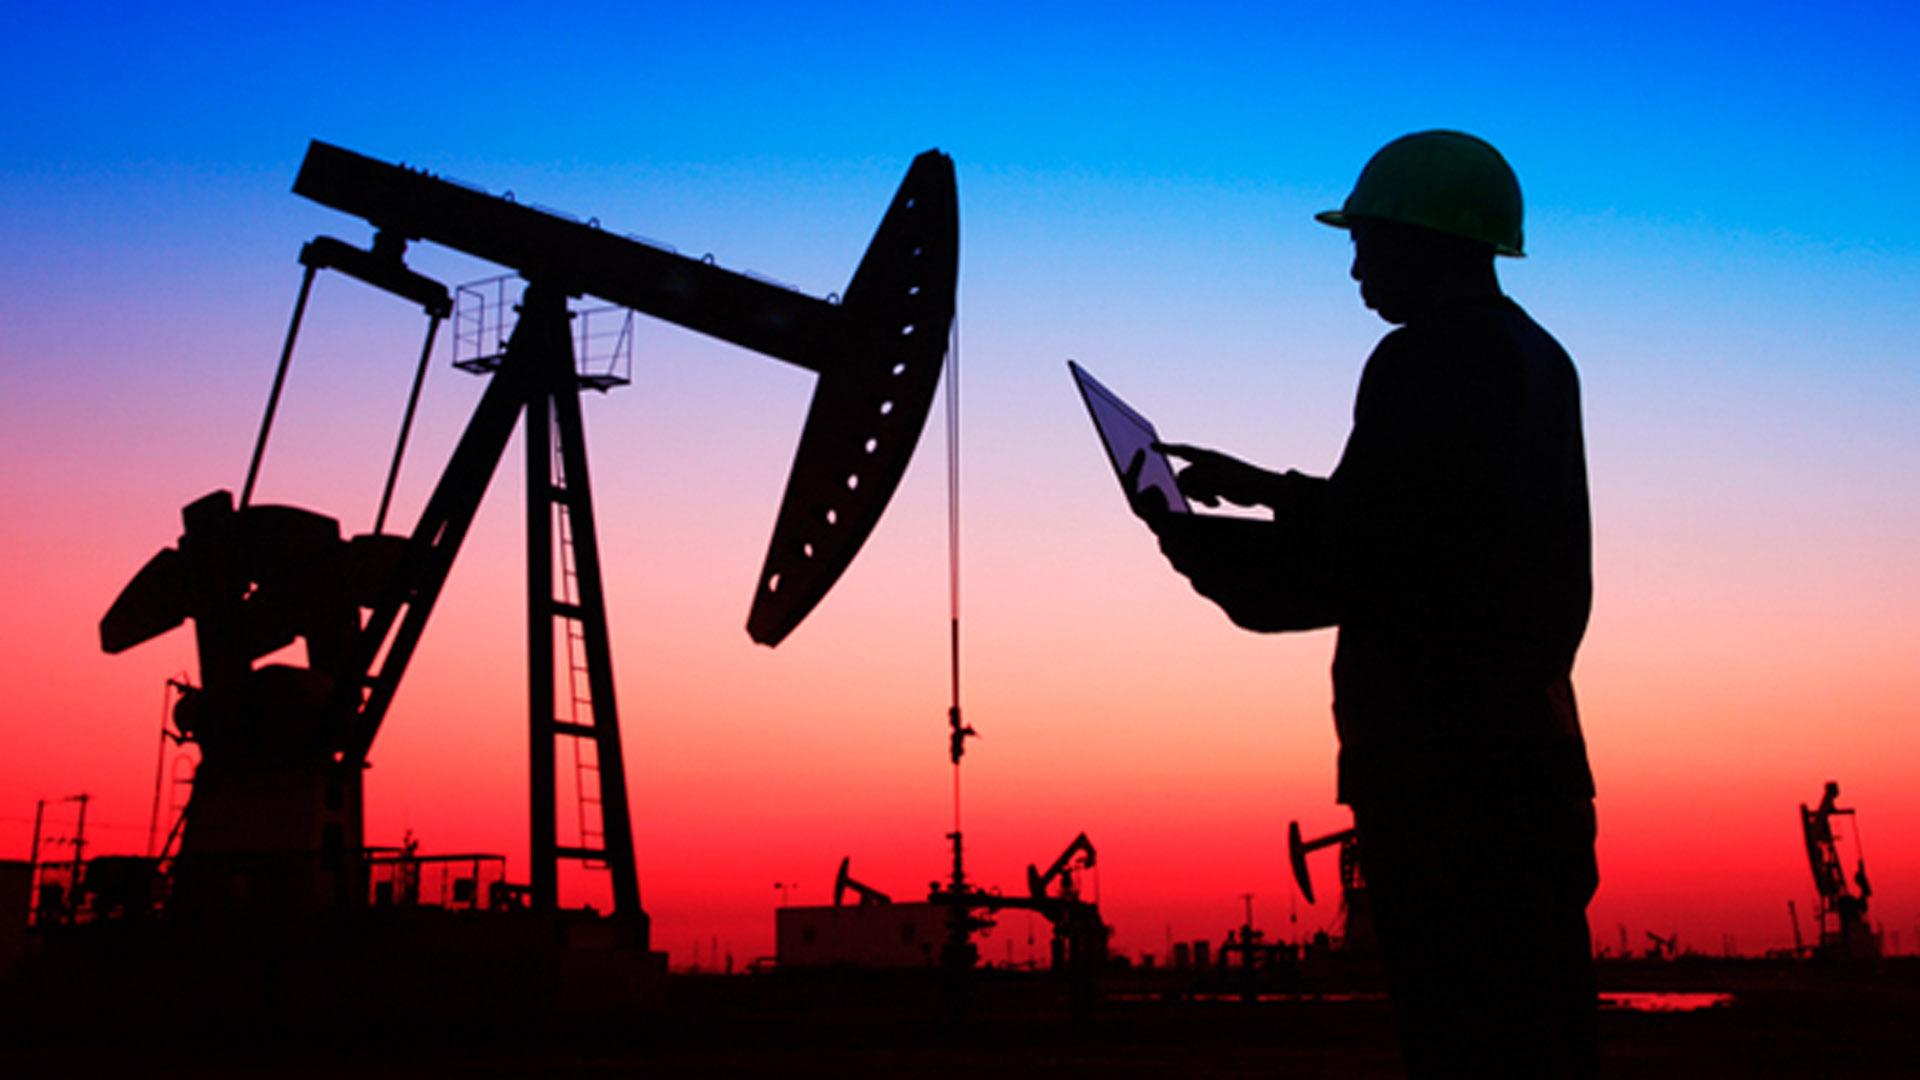 Octubre fue bajista para los mercados financieros, incluido el petróleo.